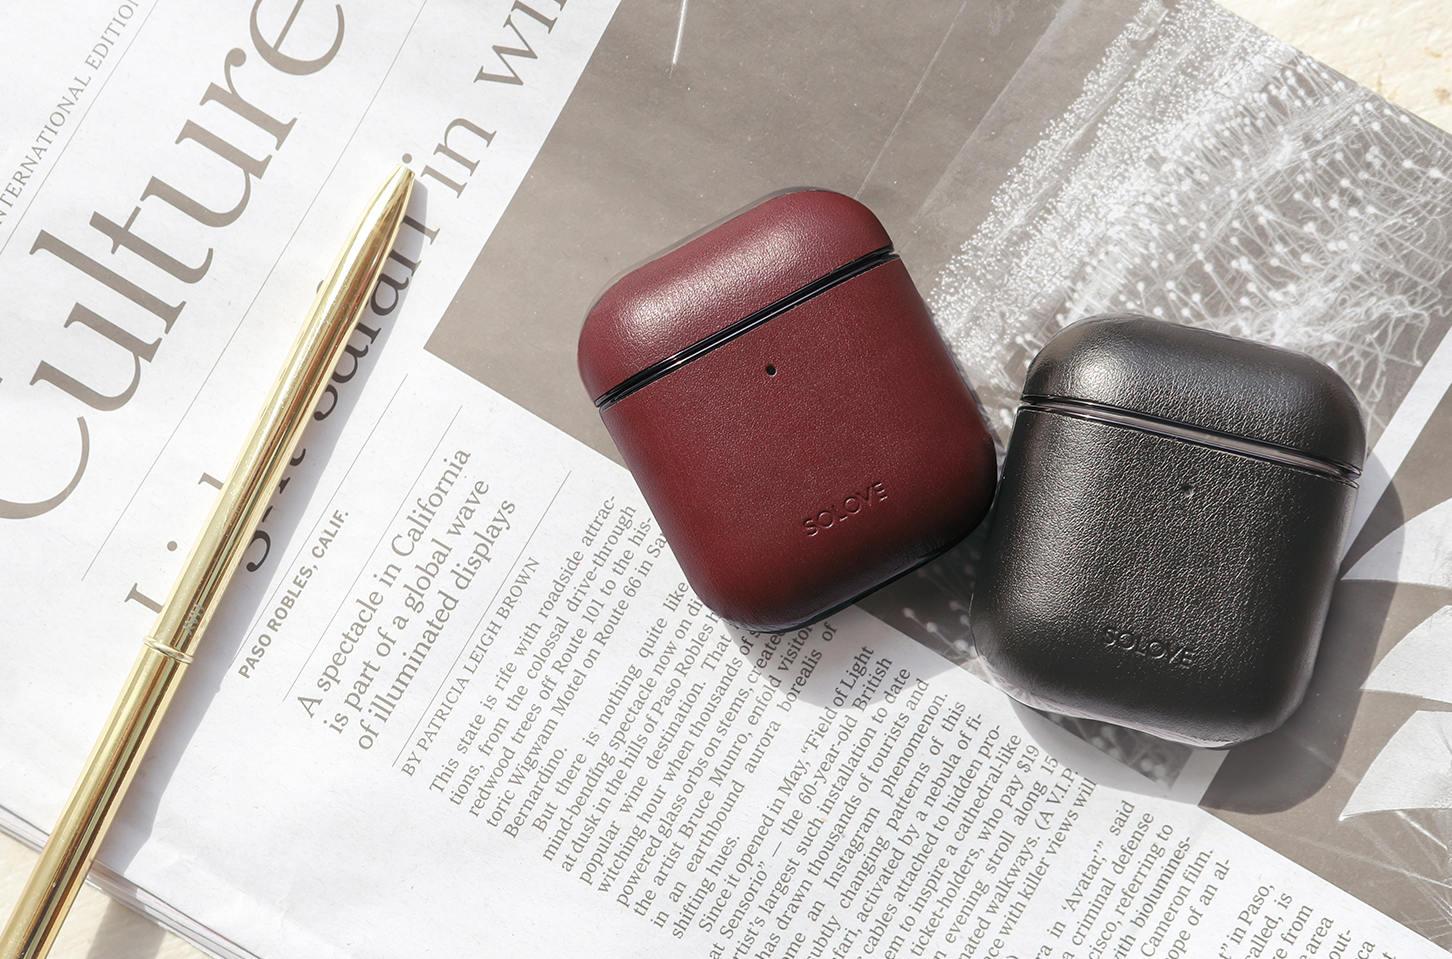 AP1-AirPod Case images